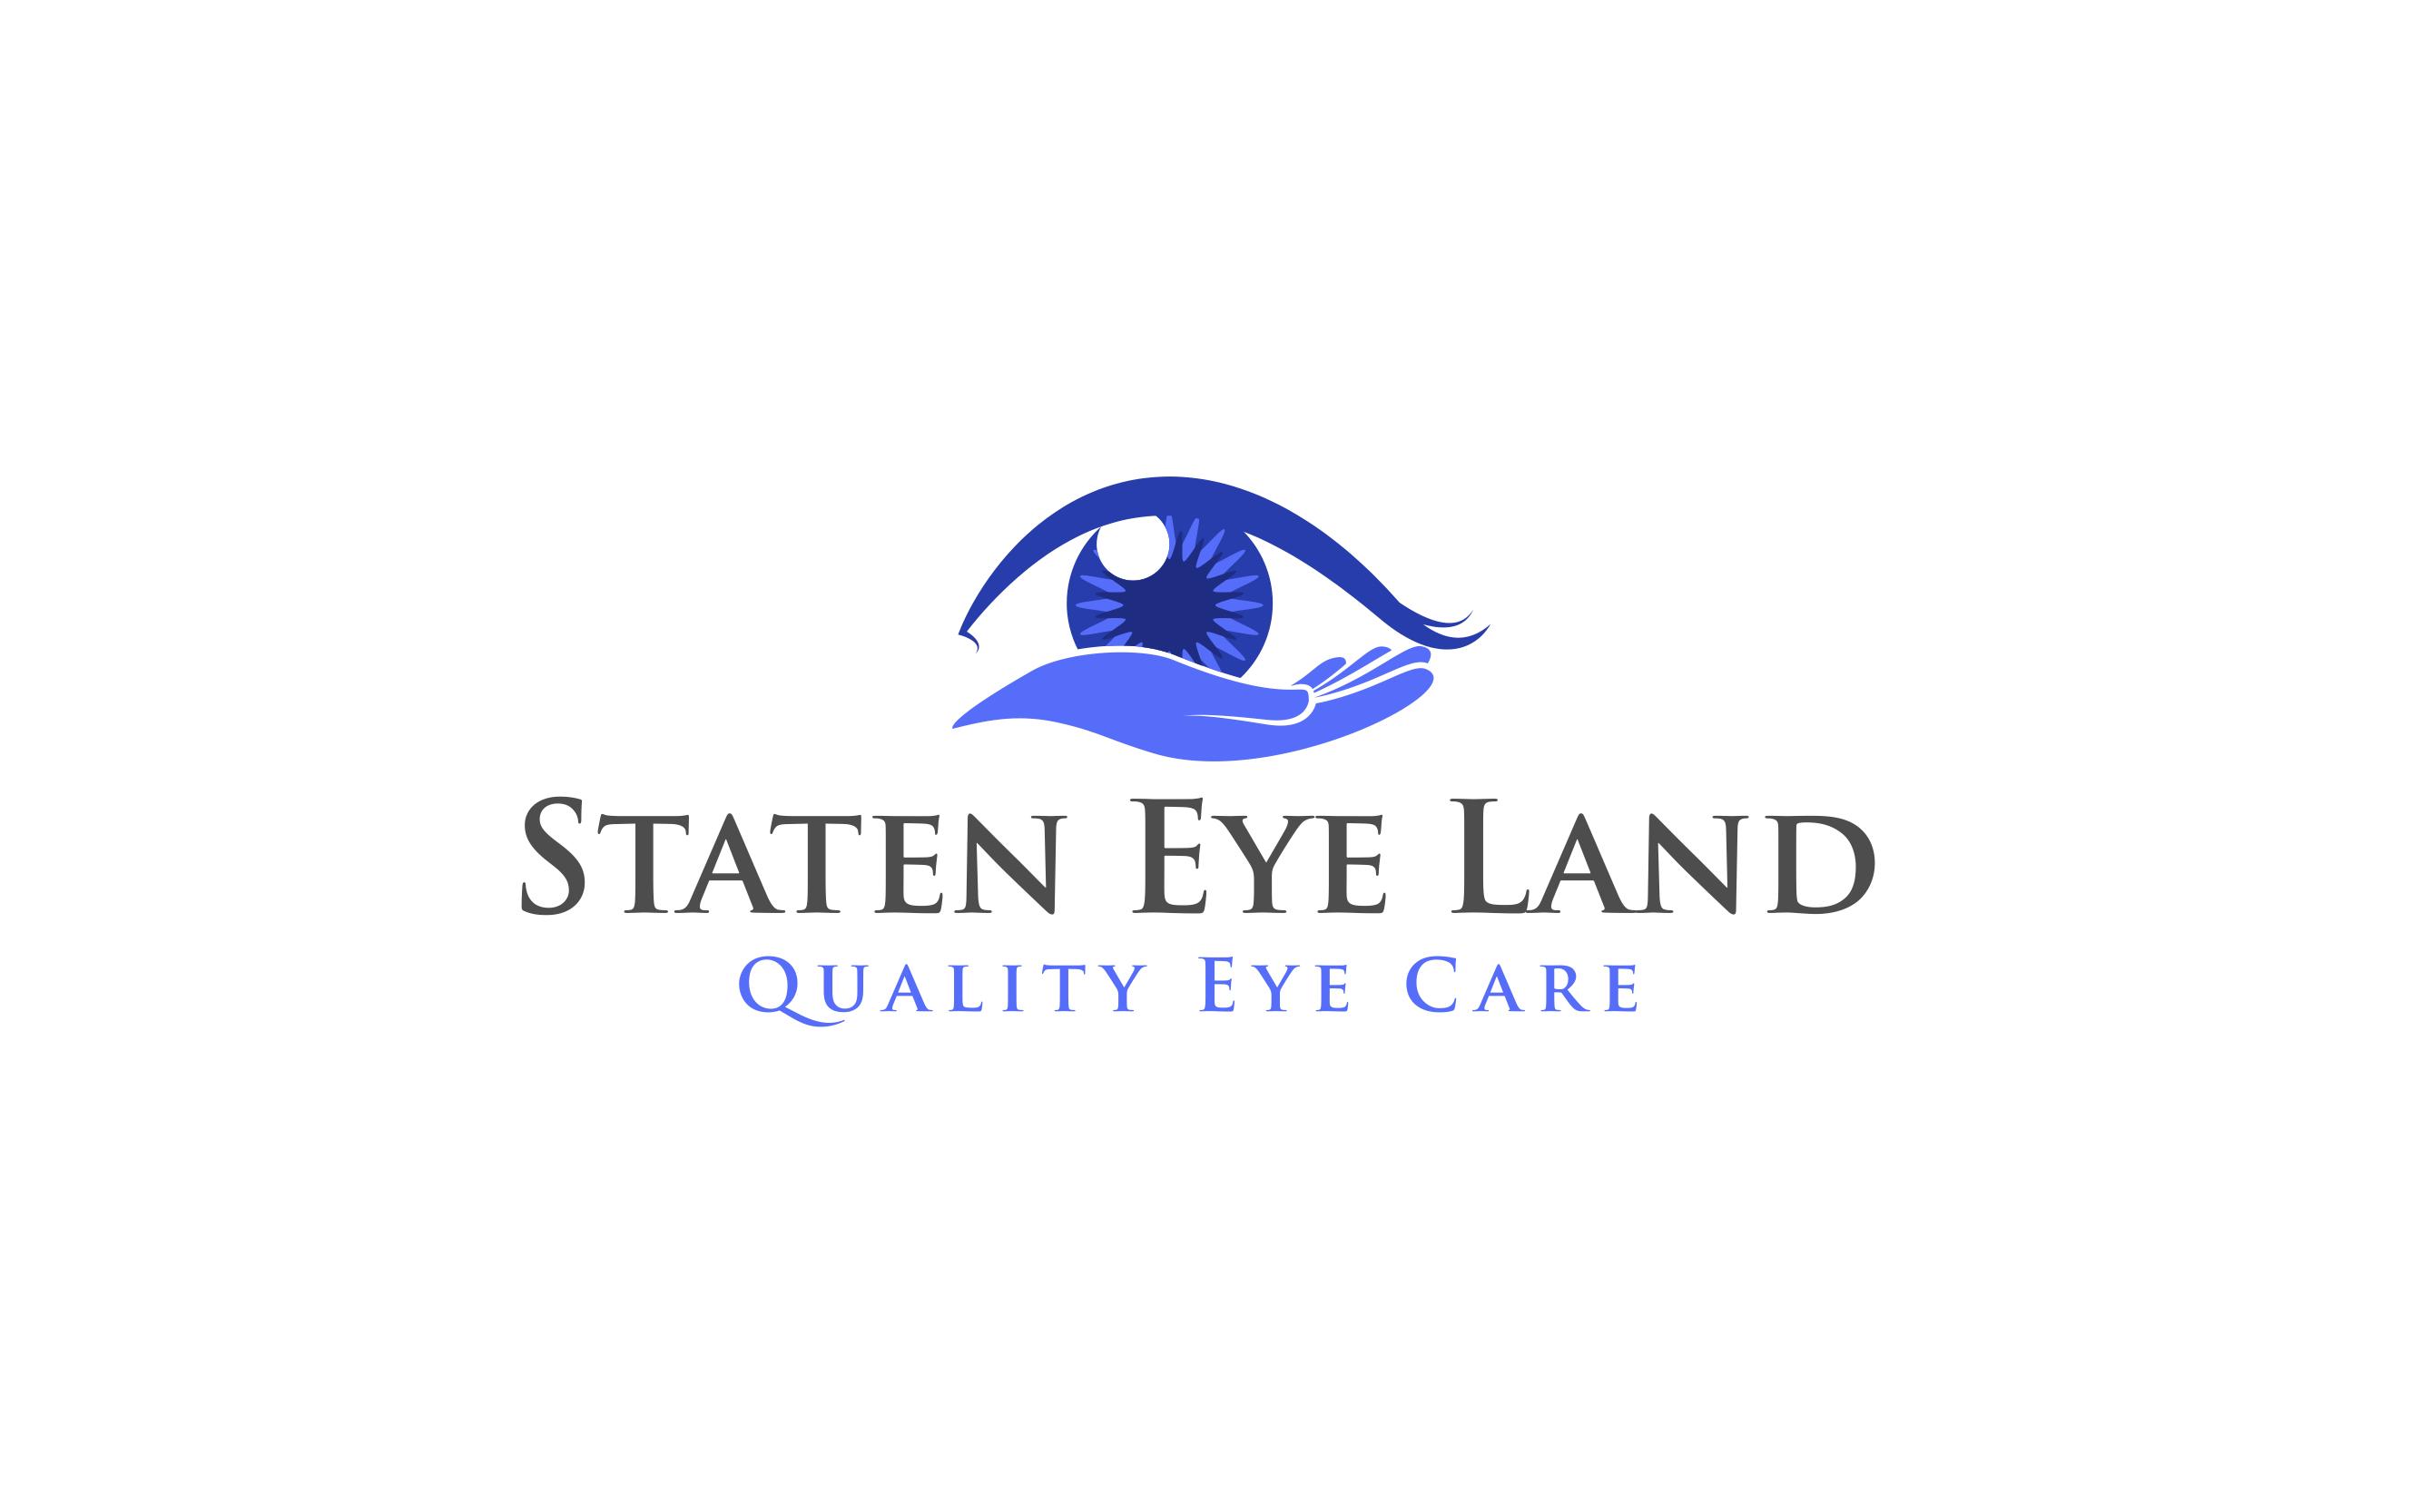 Staten Eye Land - ad image